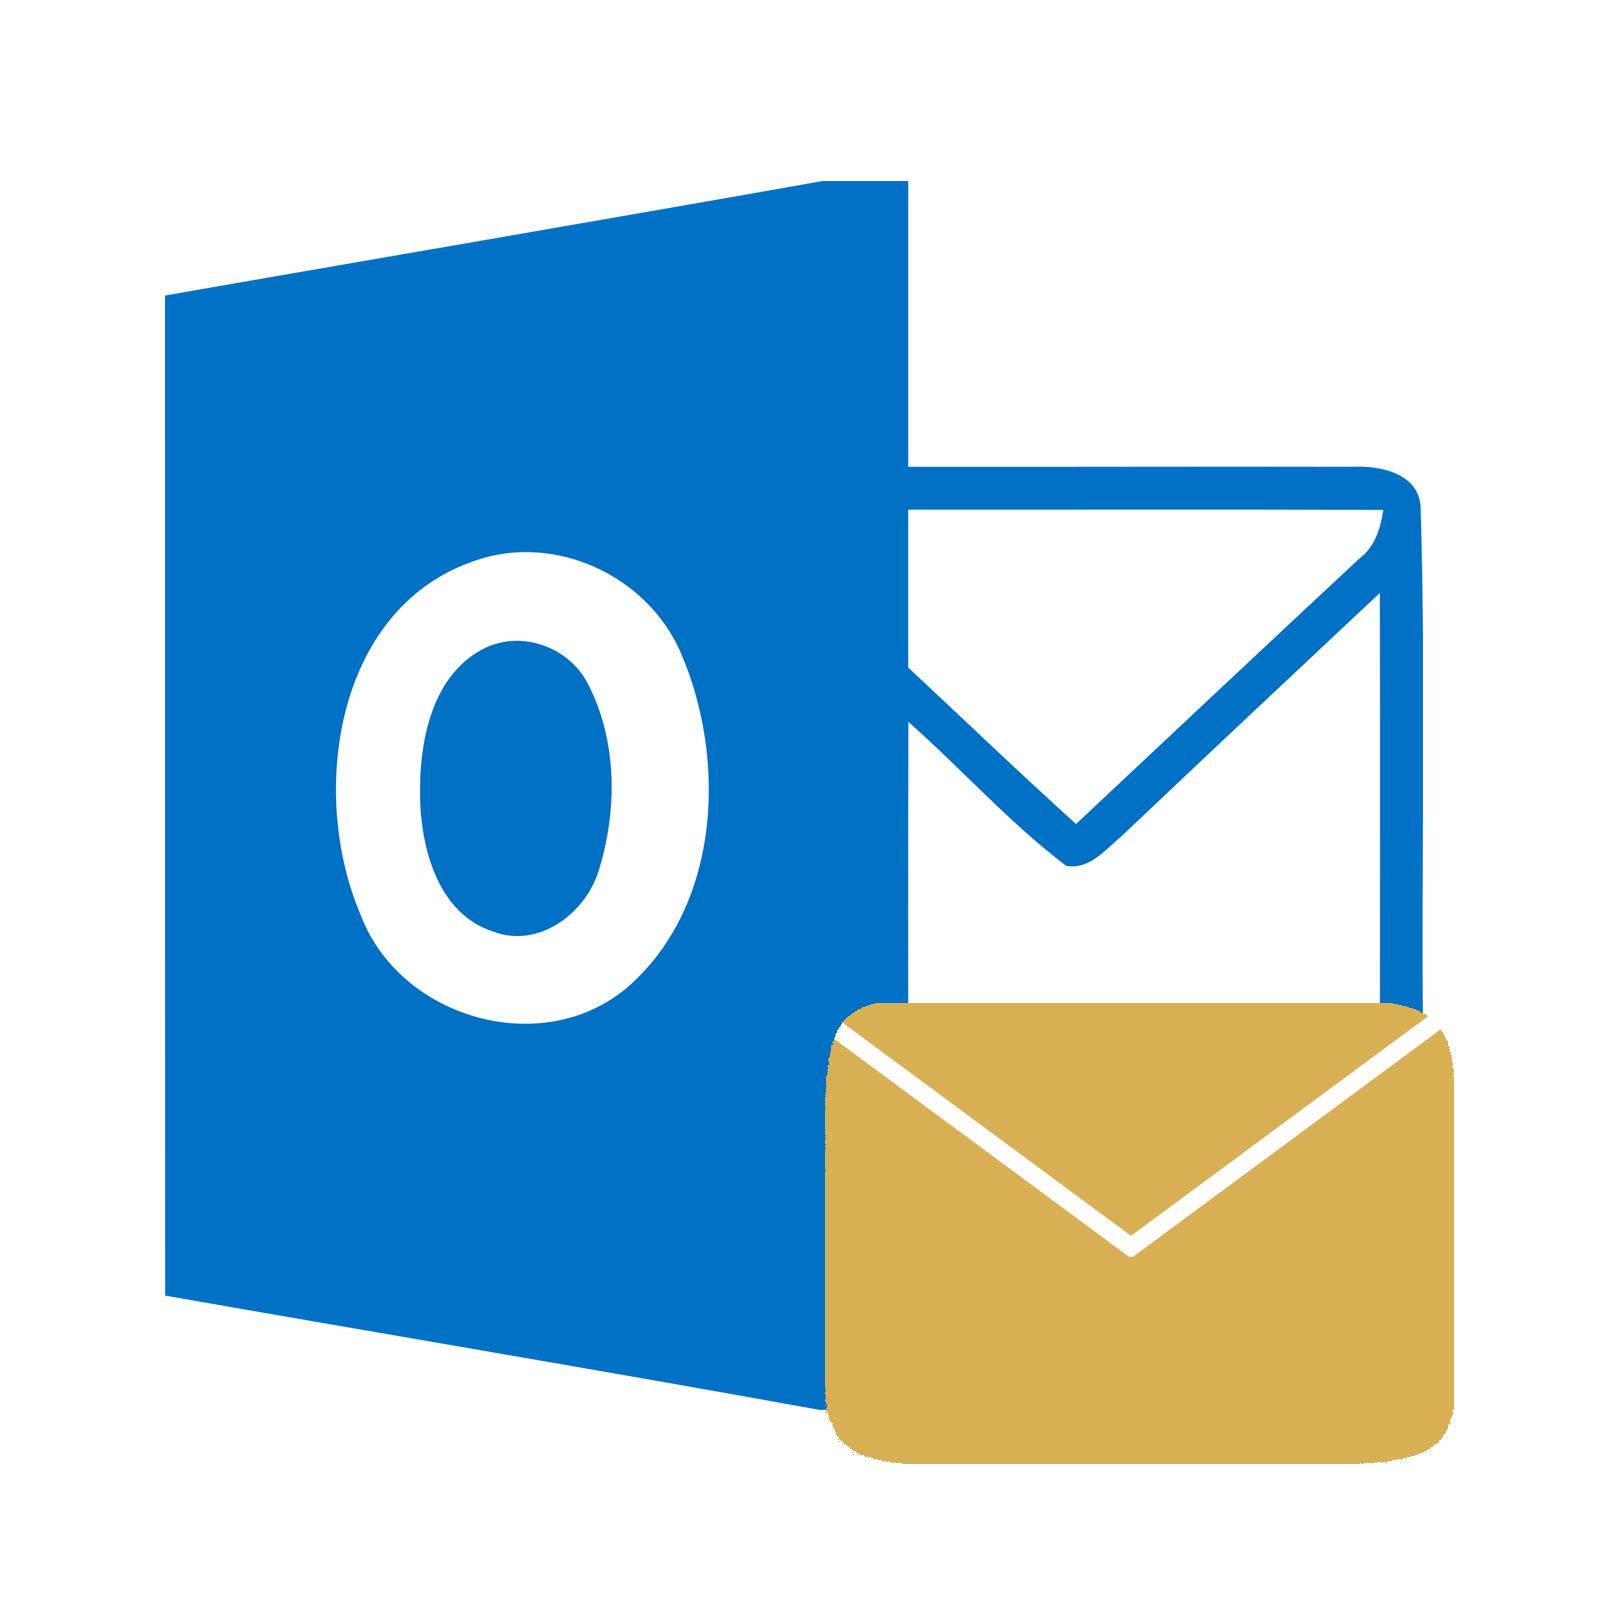 Outlook-logo-200x200.jpg